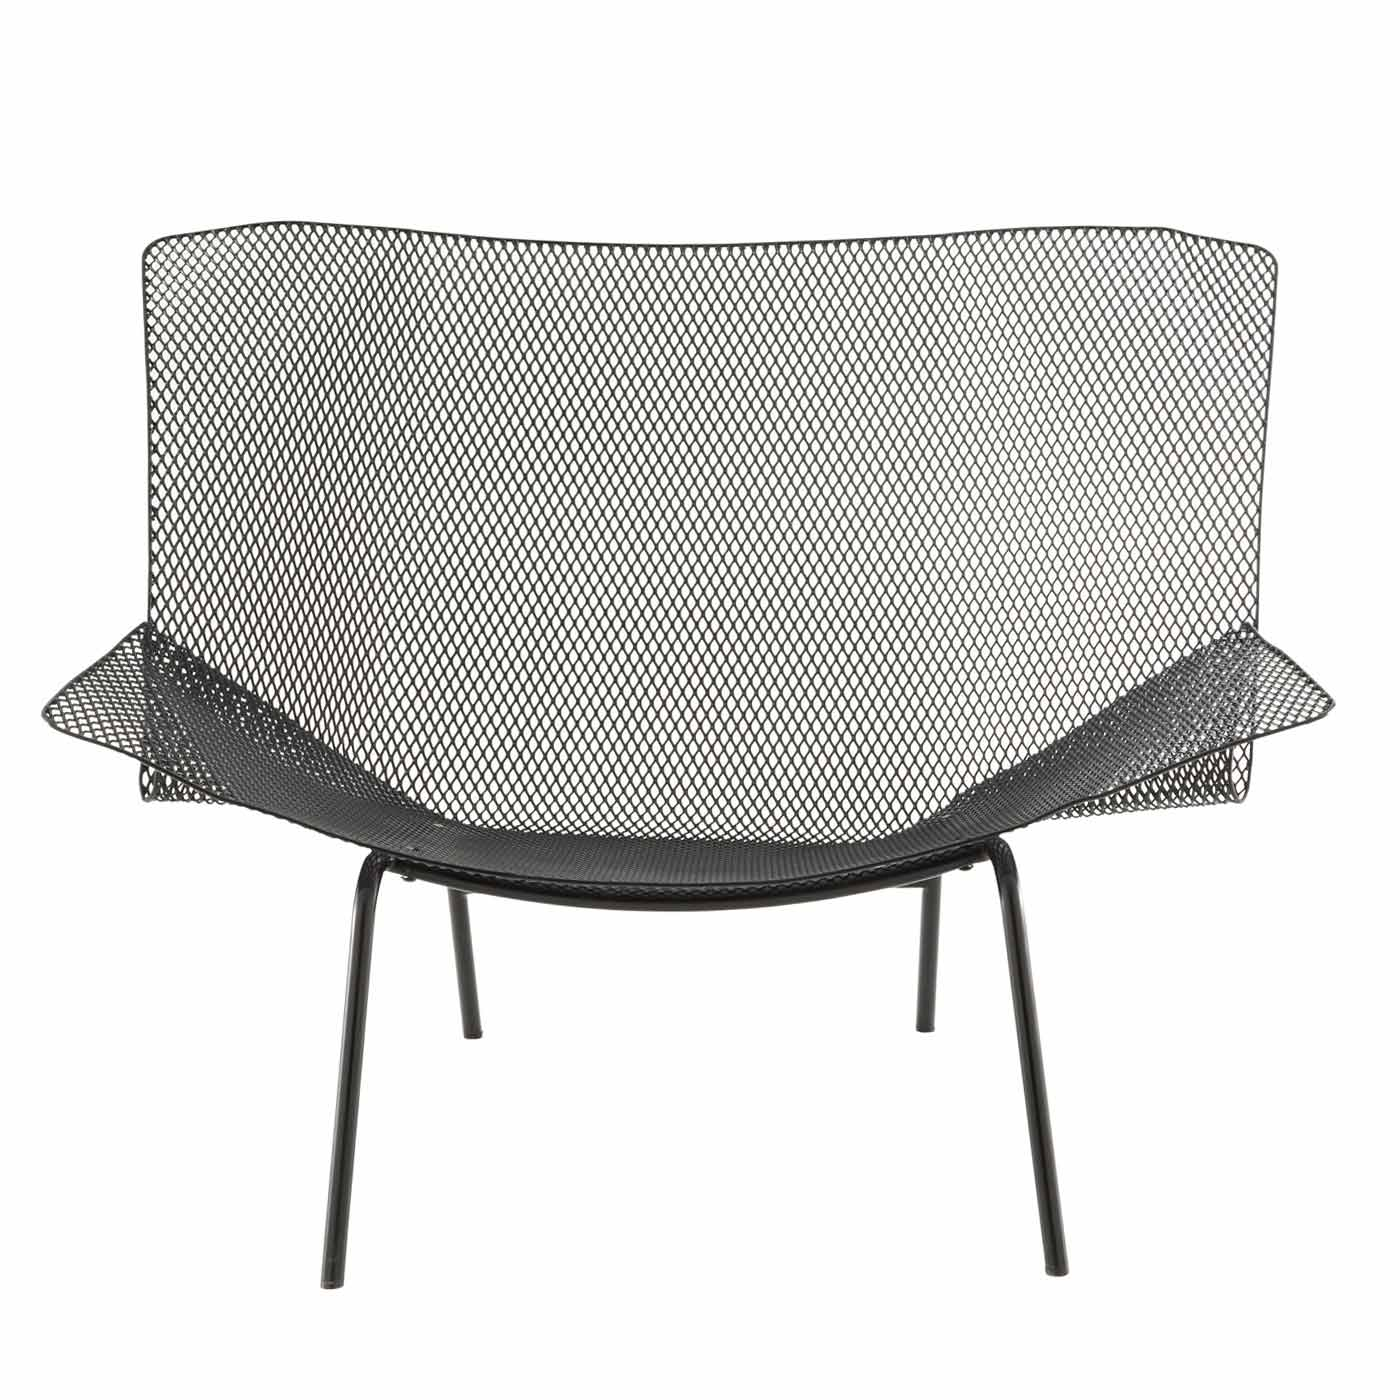 Grillage Black Chair. ByLigne Roset